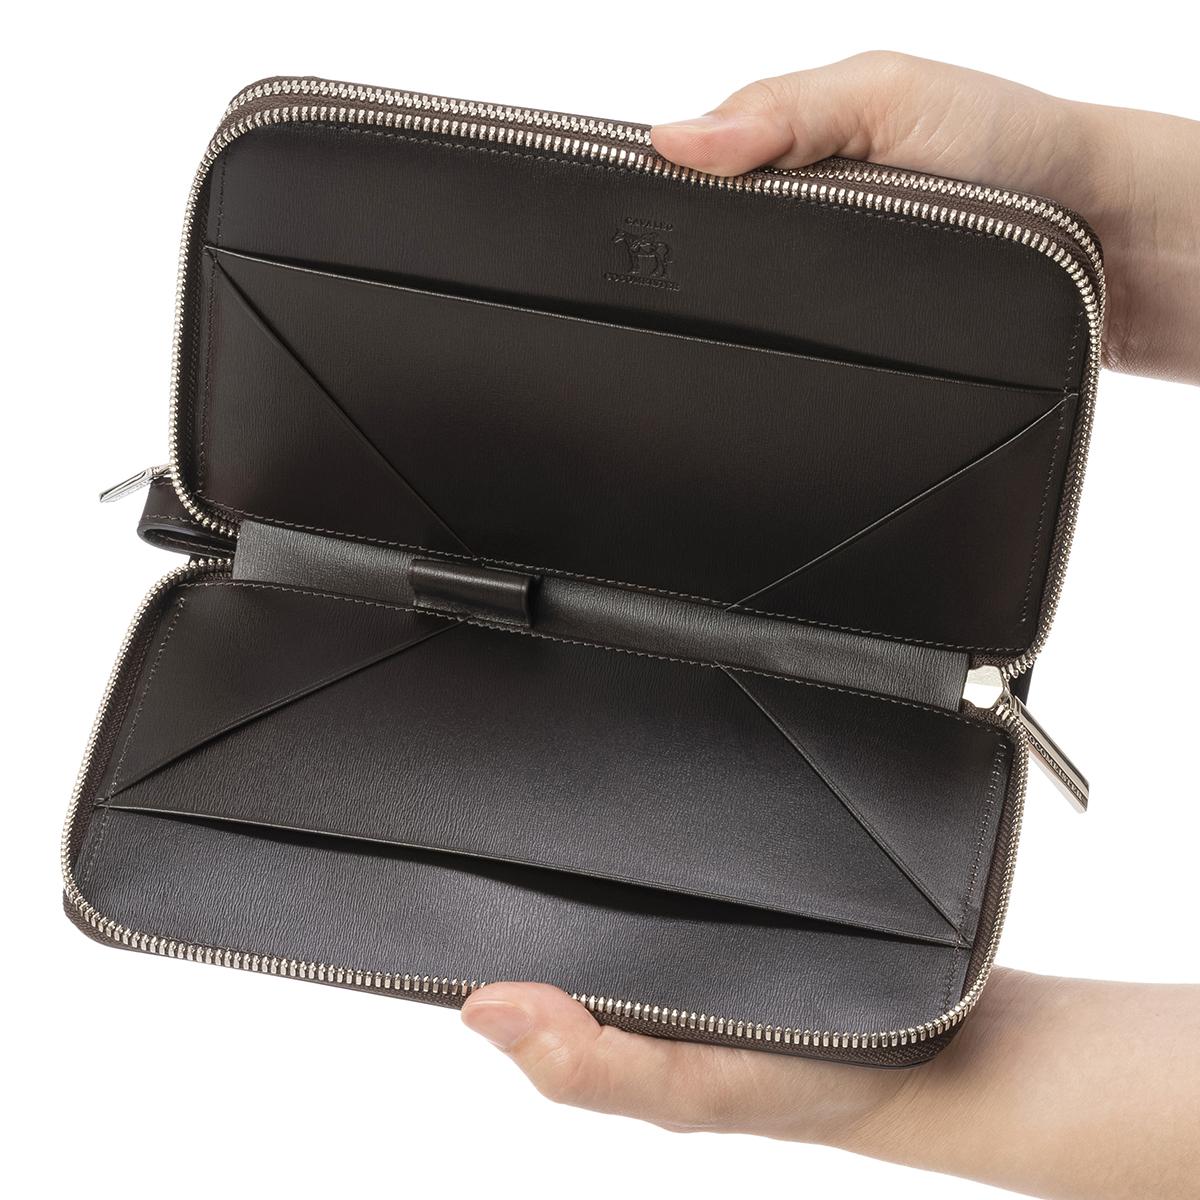 カヴァレオ・マンバの鞄側